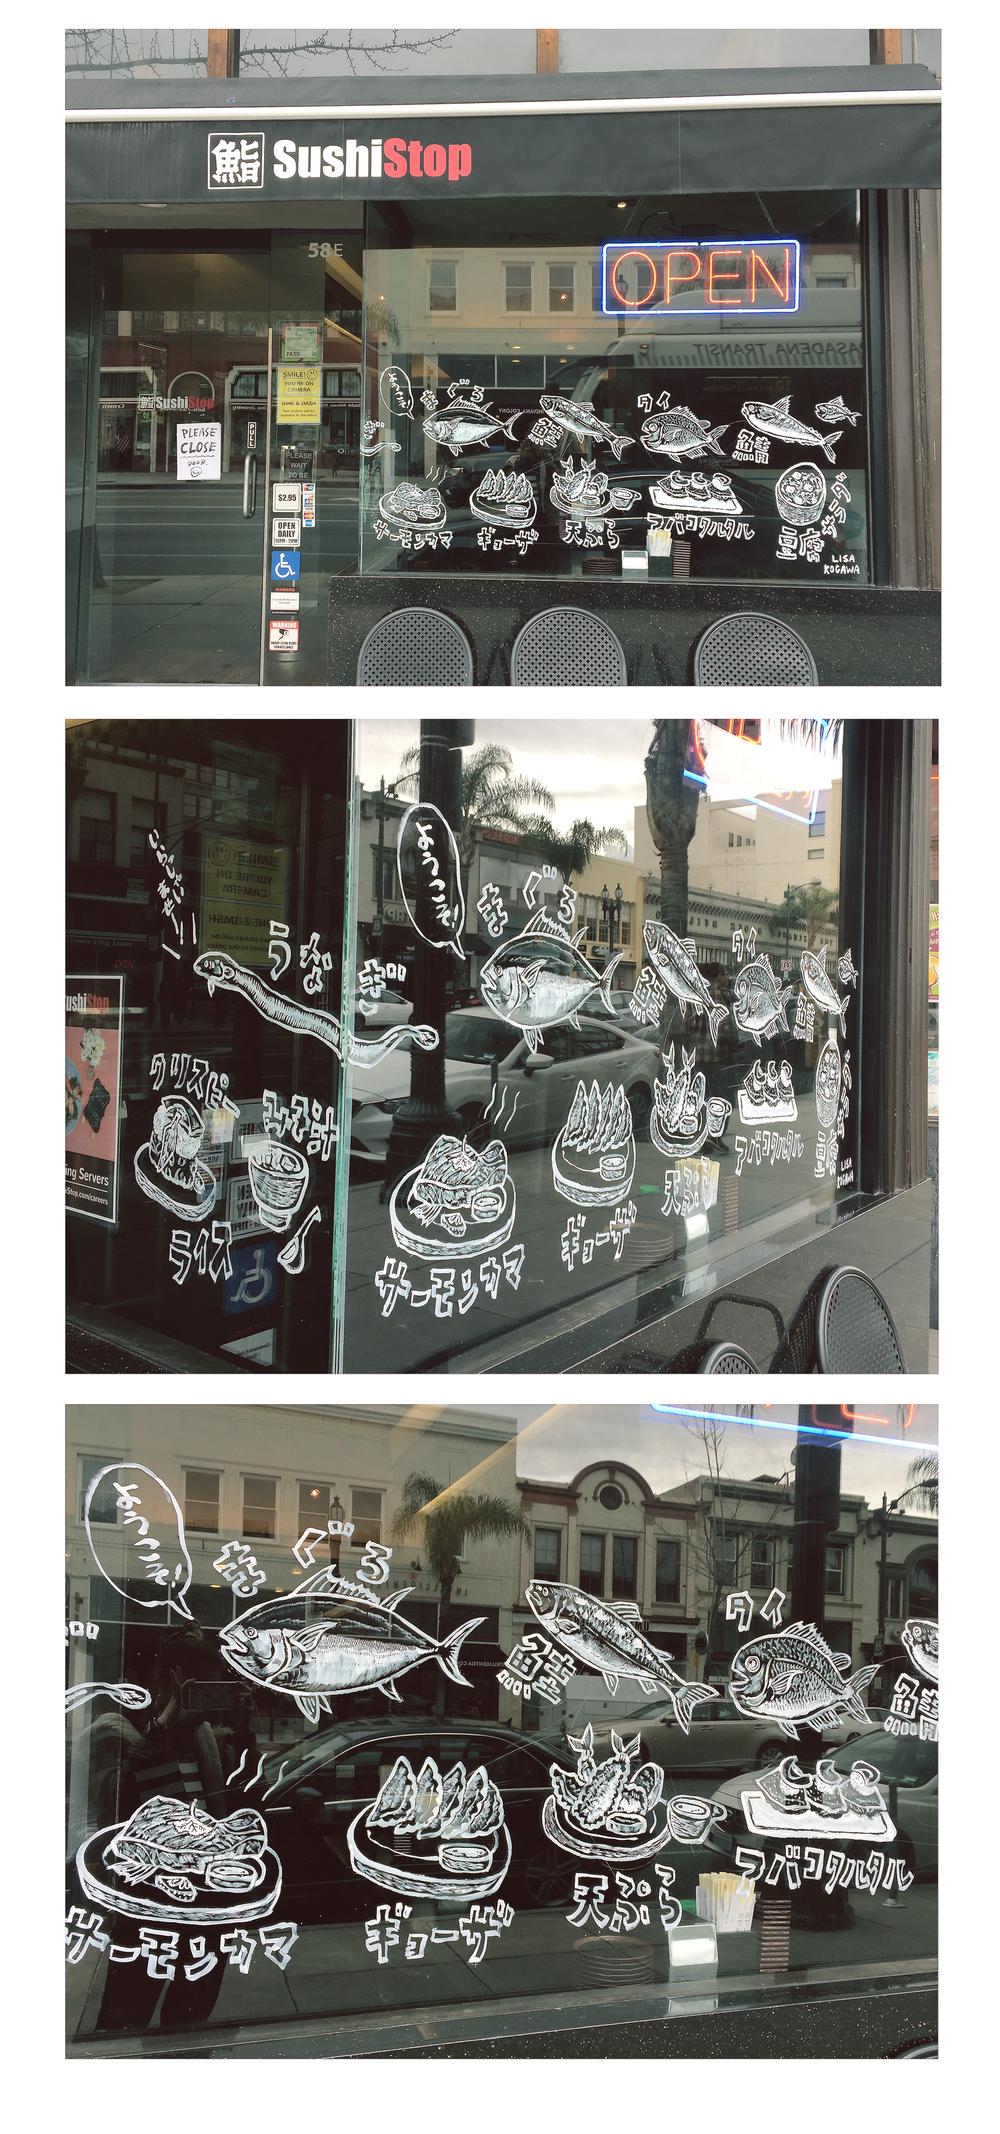 Sushistop Pasadena